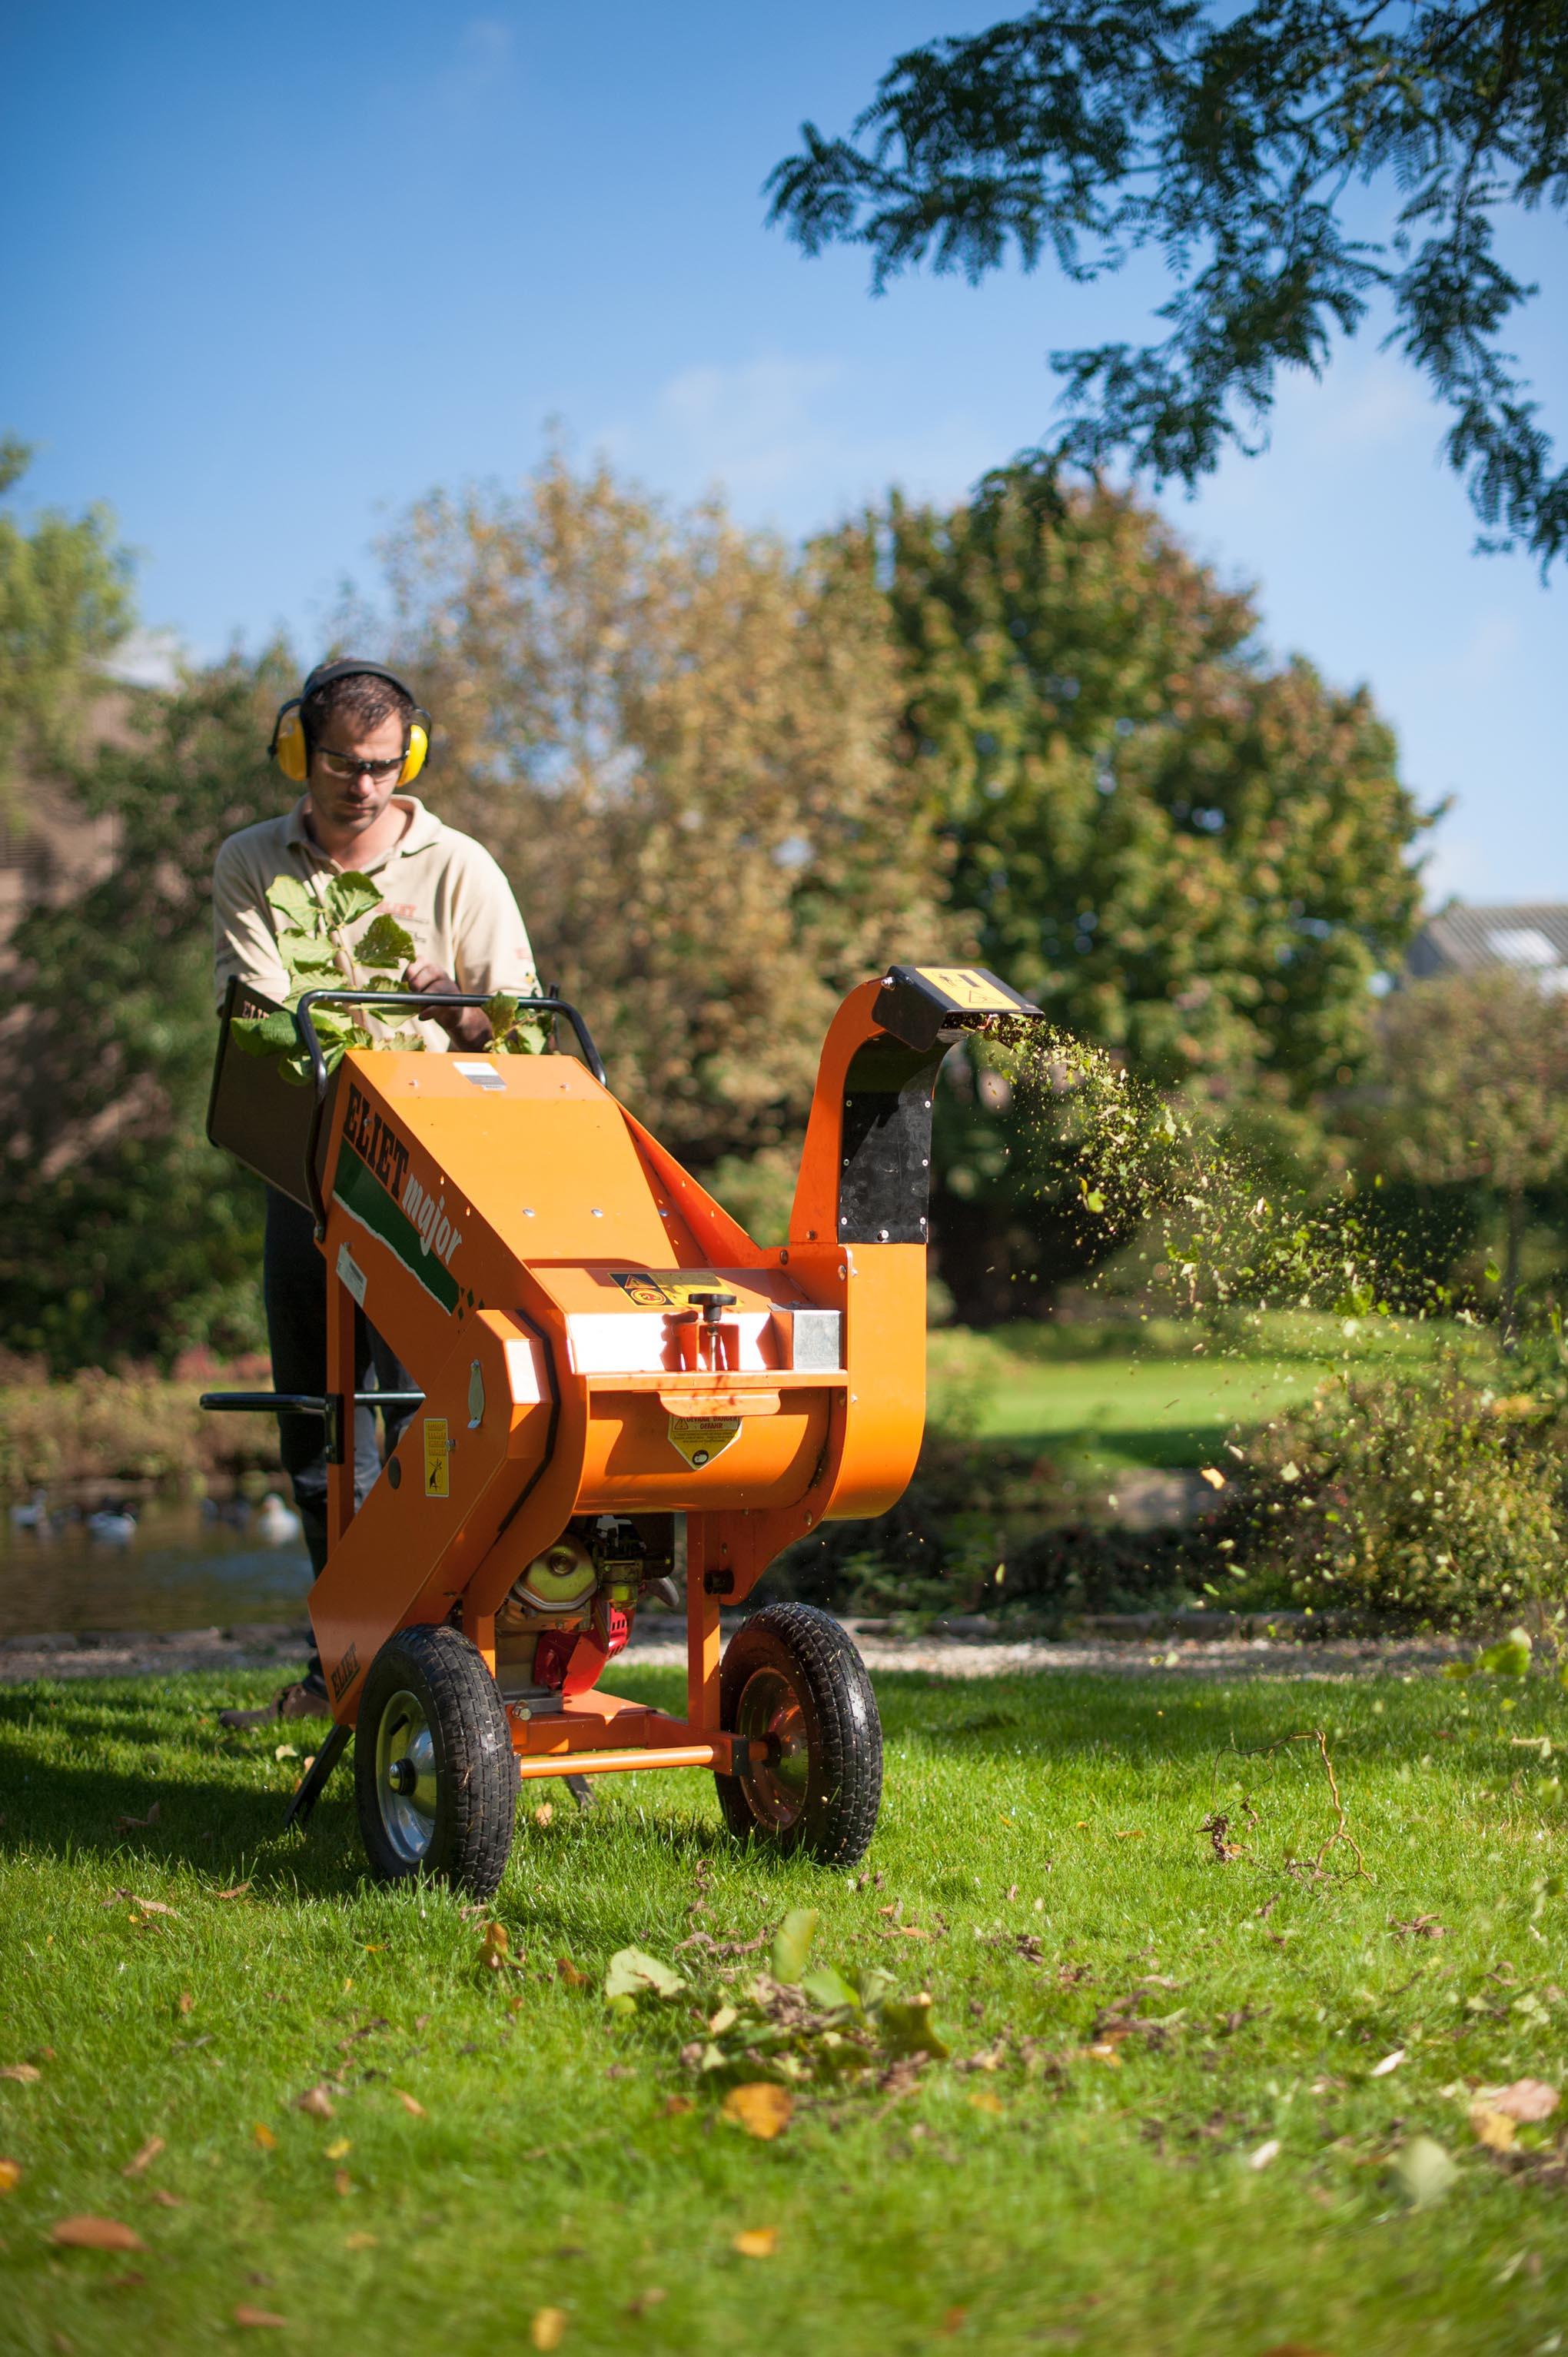 Fotografie Zwevegem. Man versnippert hout in een zonnige tuin.